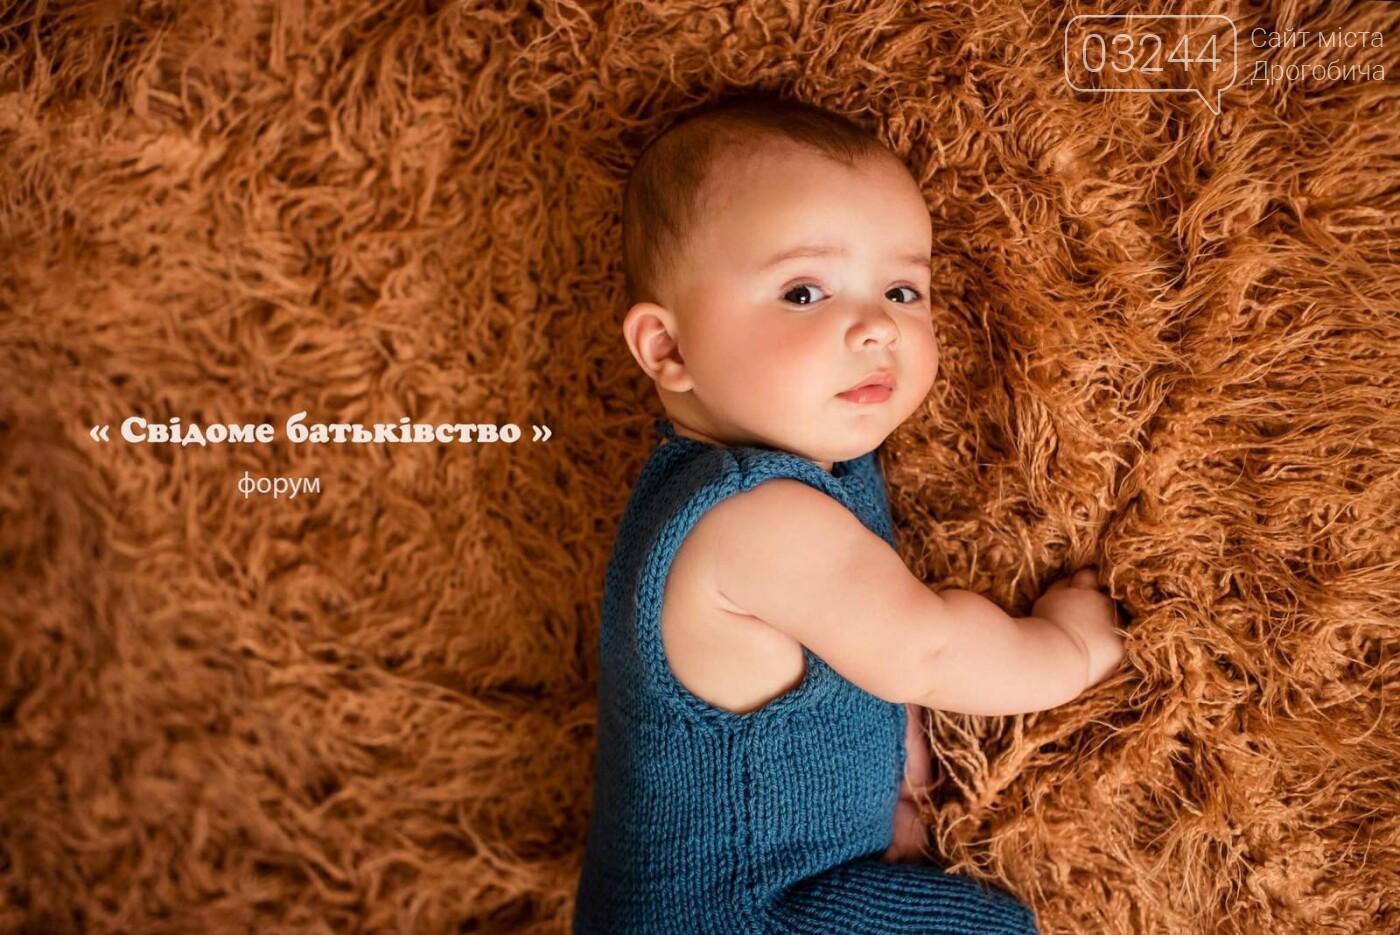 У Дрогобичі пройде Форум «Свідоме батьківство», у рамках якого відбудеться благочинний аукціон, фото-3